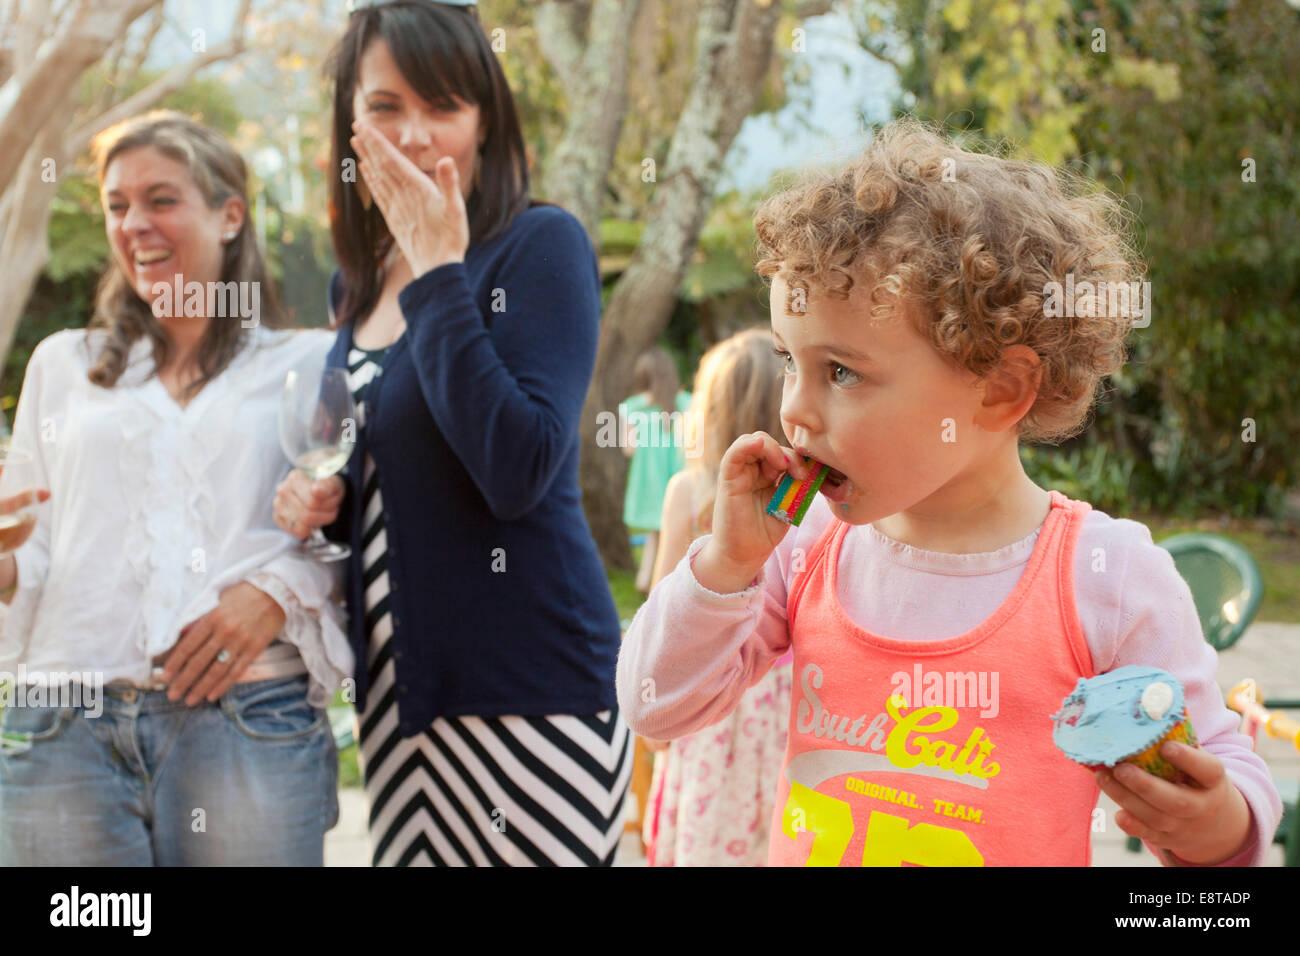 Junges Mädchen essen ihre Tasse Kuchen auf einer Party. Stockfoto